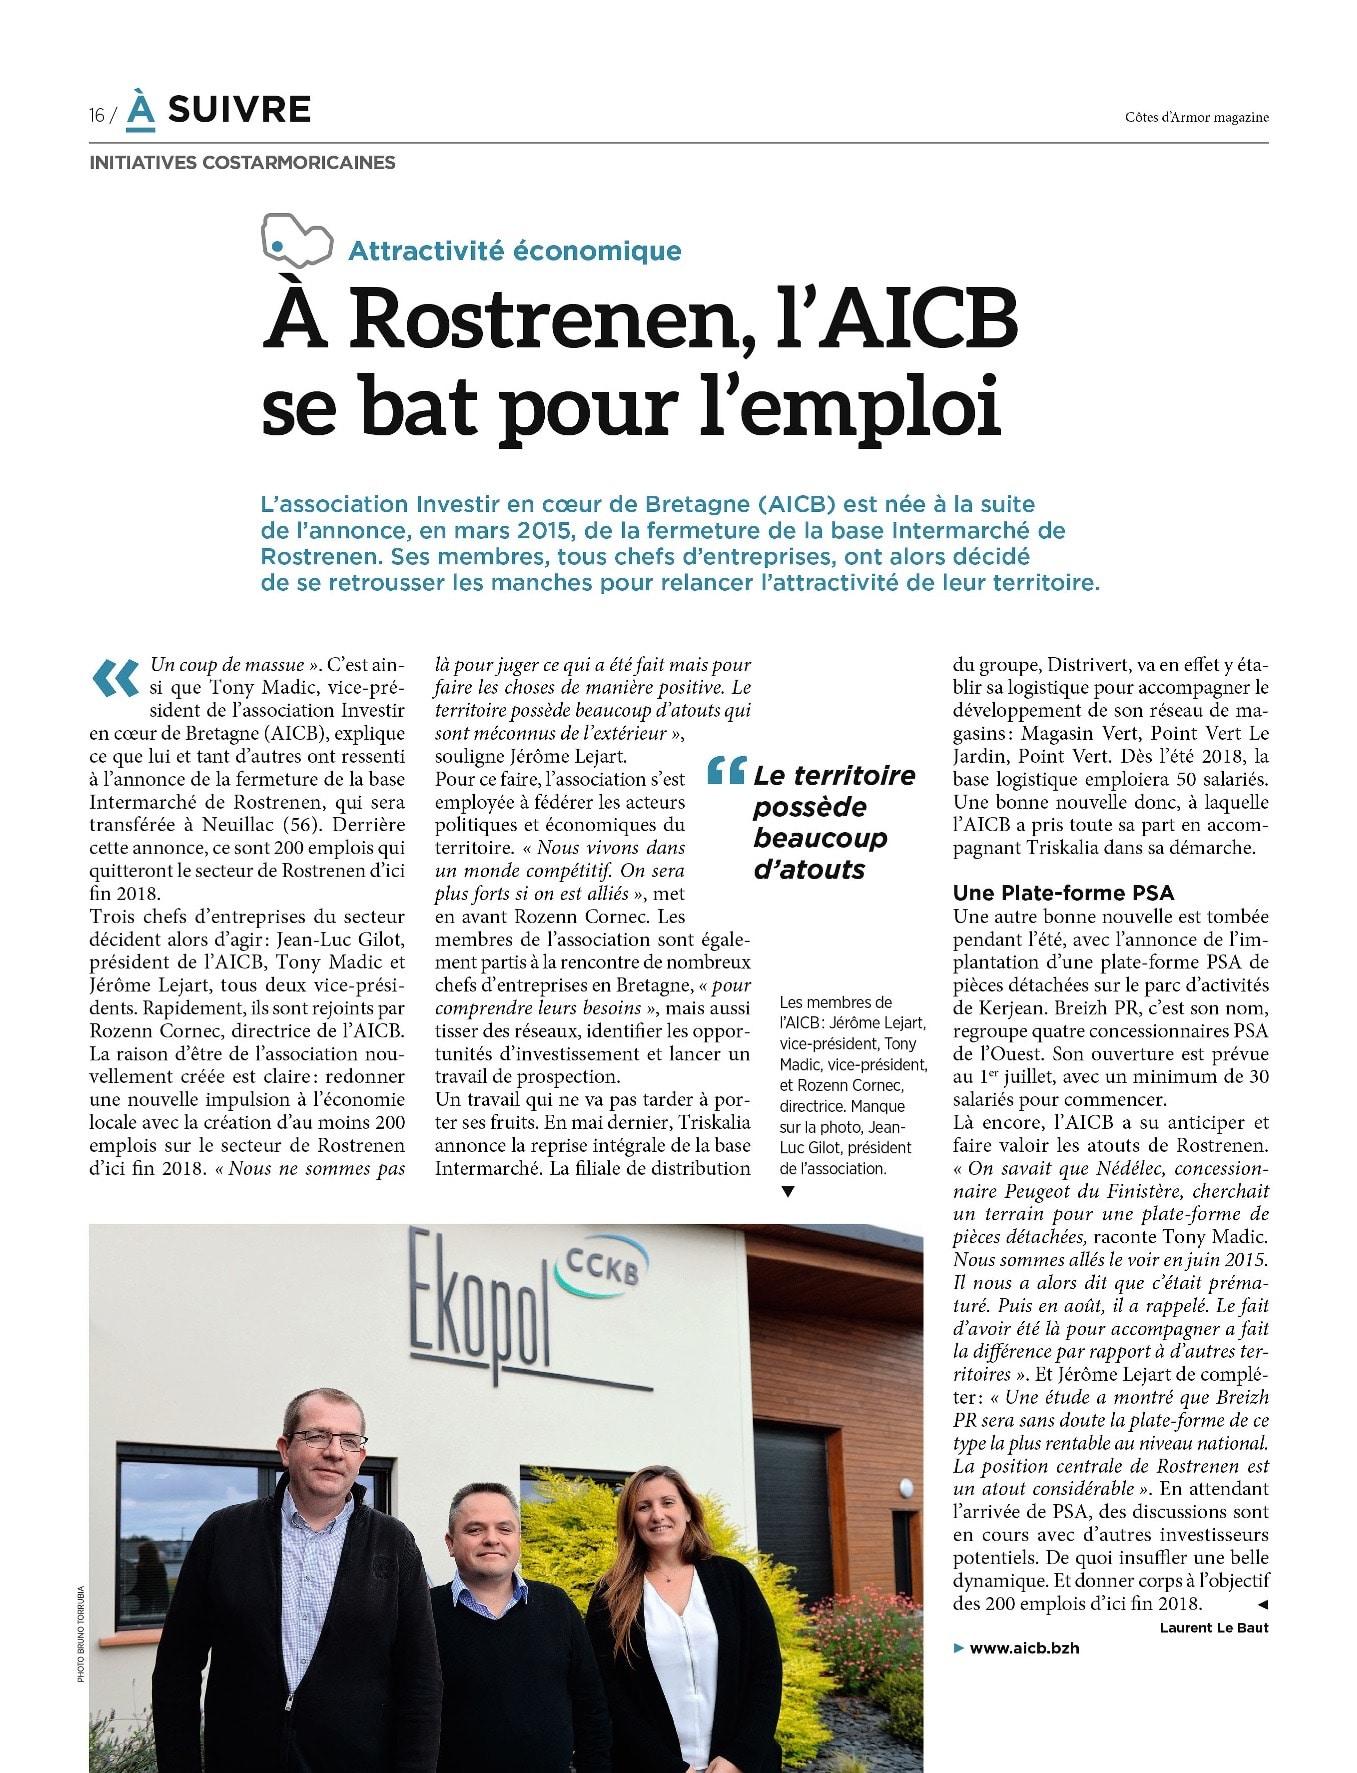 Communiqué de presse - A Rostrenen, l'AICB se bat pour l'emploi - Côtes d'armor Magazine